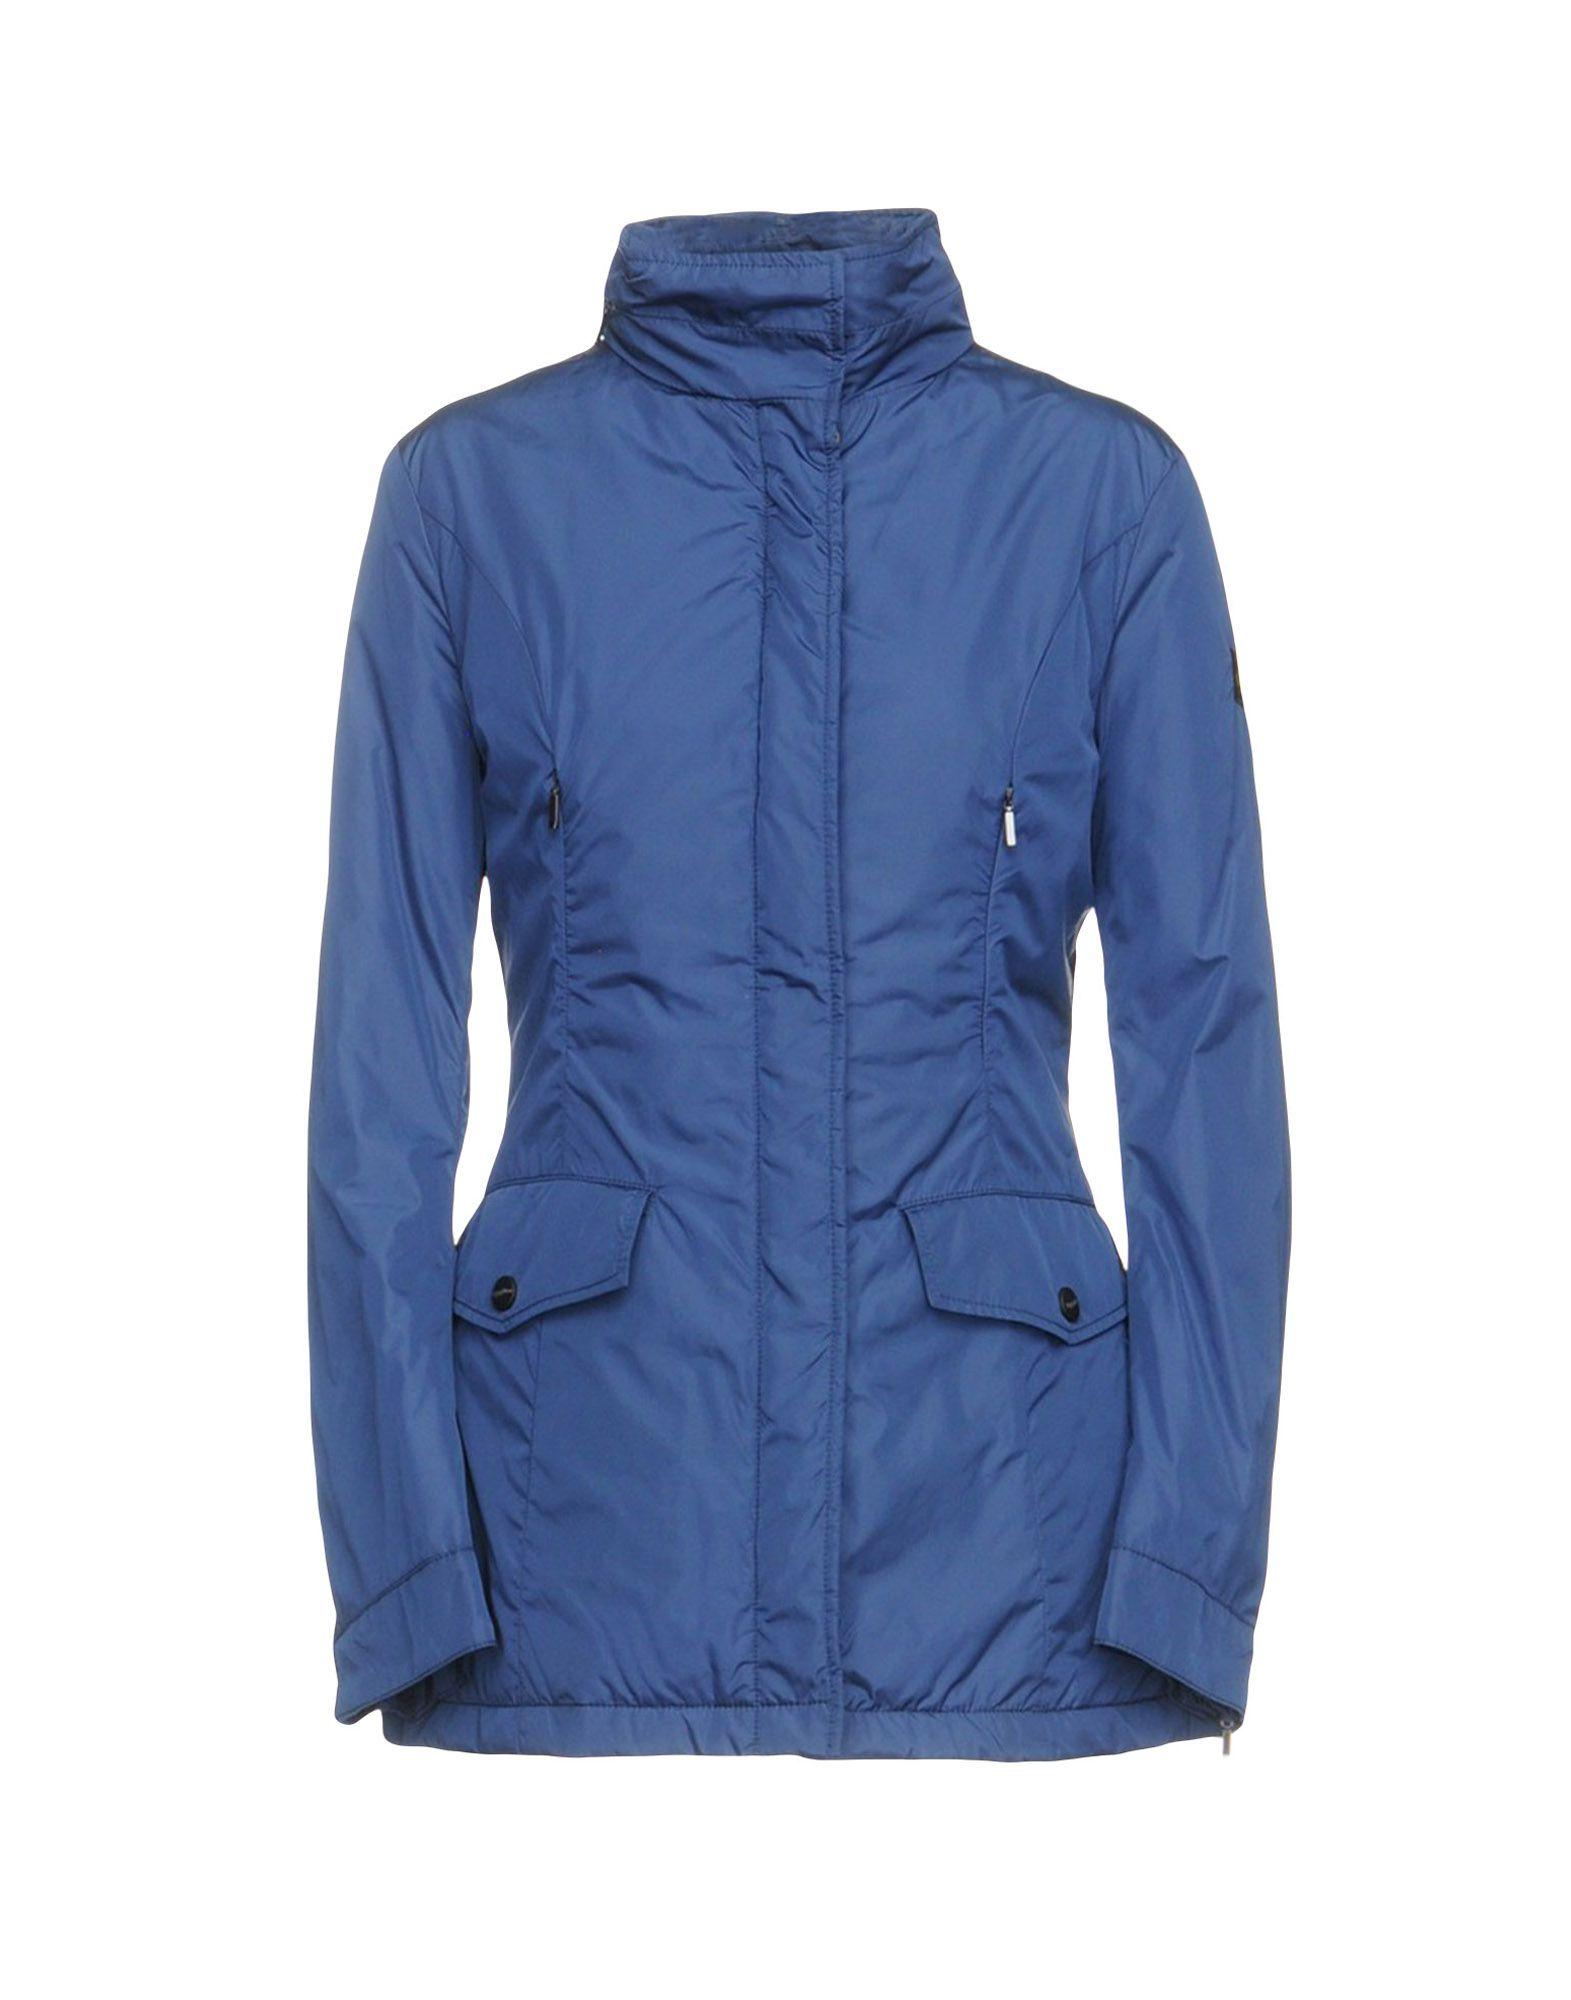 Giubbotto Refrigiwear Donna - Acquista online su qbilI1xEI